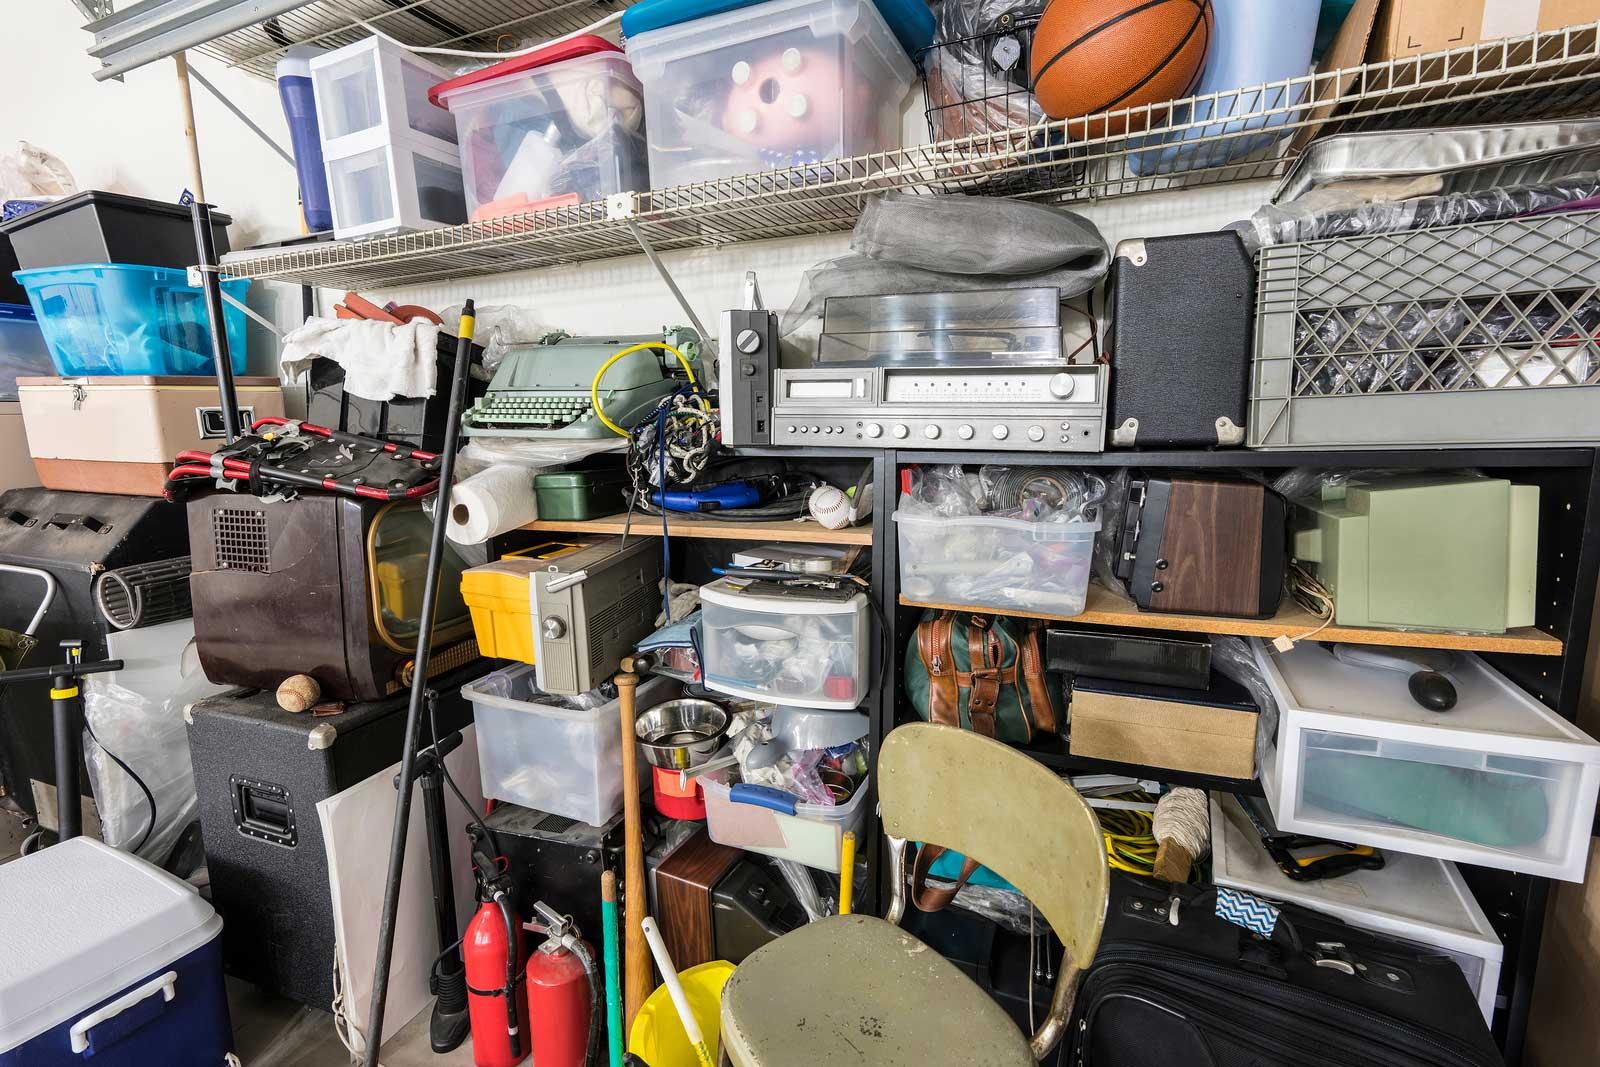 Casiers et équipements de sports dans un grand local d'entreposage